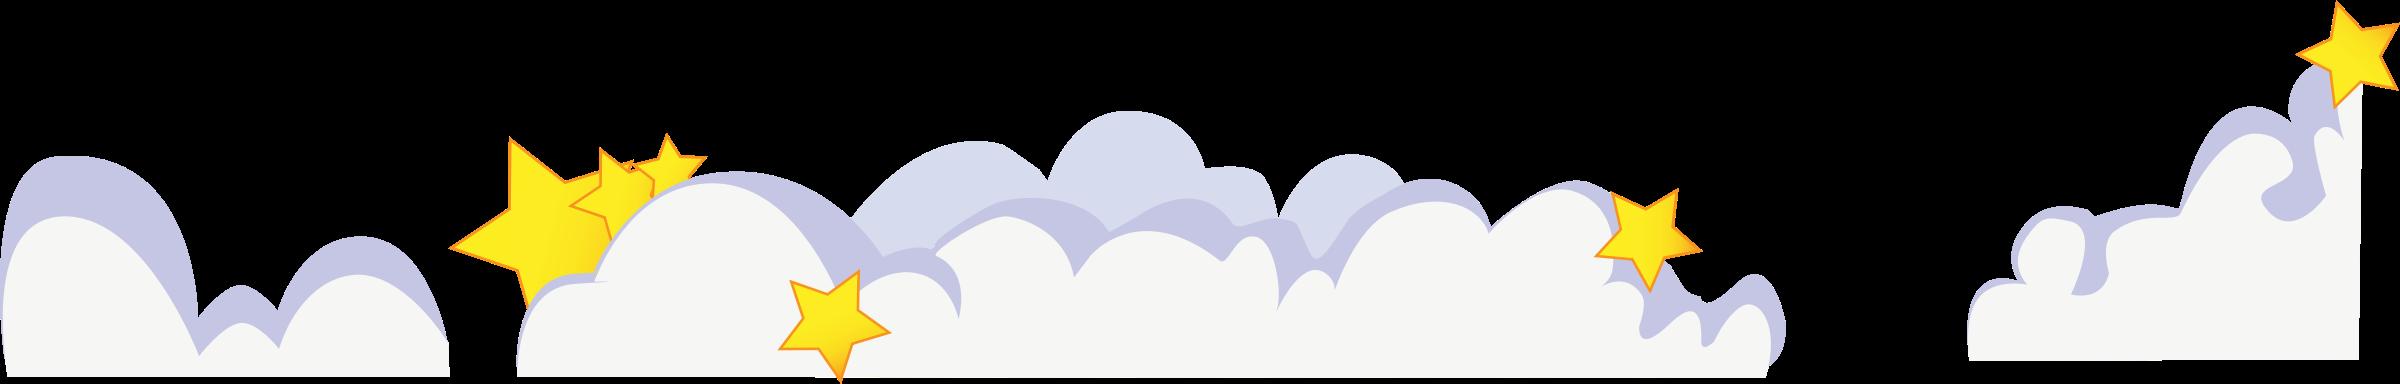 Clouds clipart cute cartoon Clouds clouds stars stars Clipart